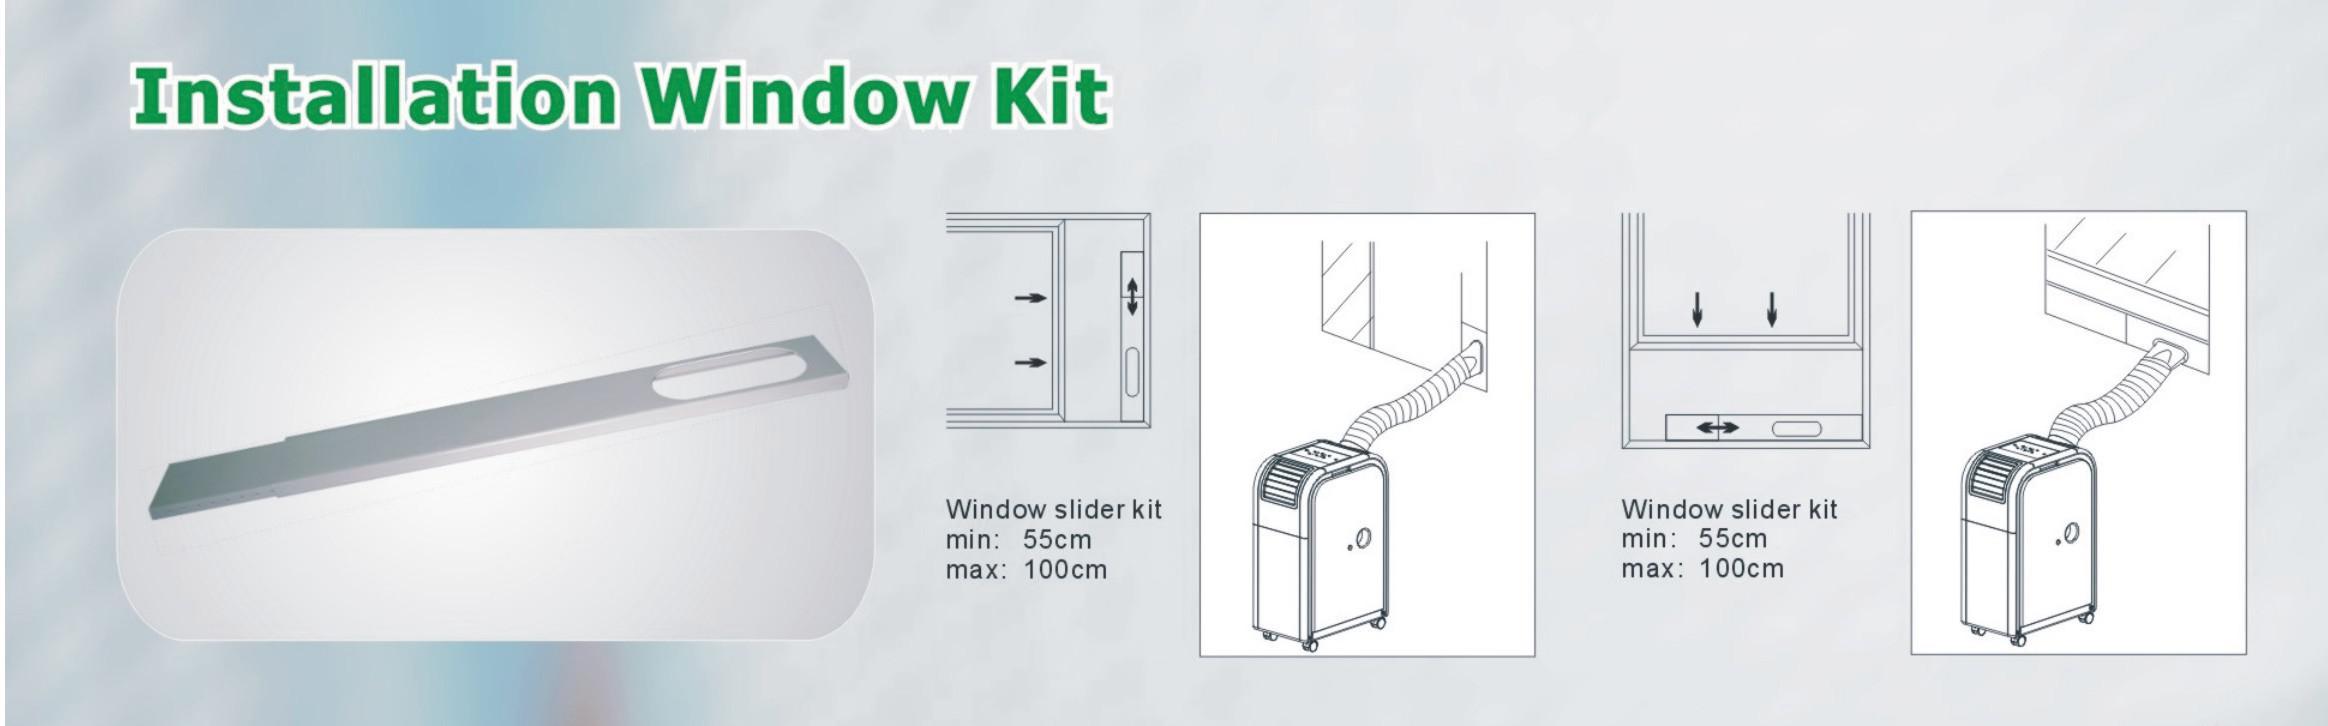 portable air conditionn mini portable climatiseur climatisation id de produit 1976377470. Black Bedroom Furniture Sets. Home Design Ideas